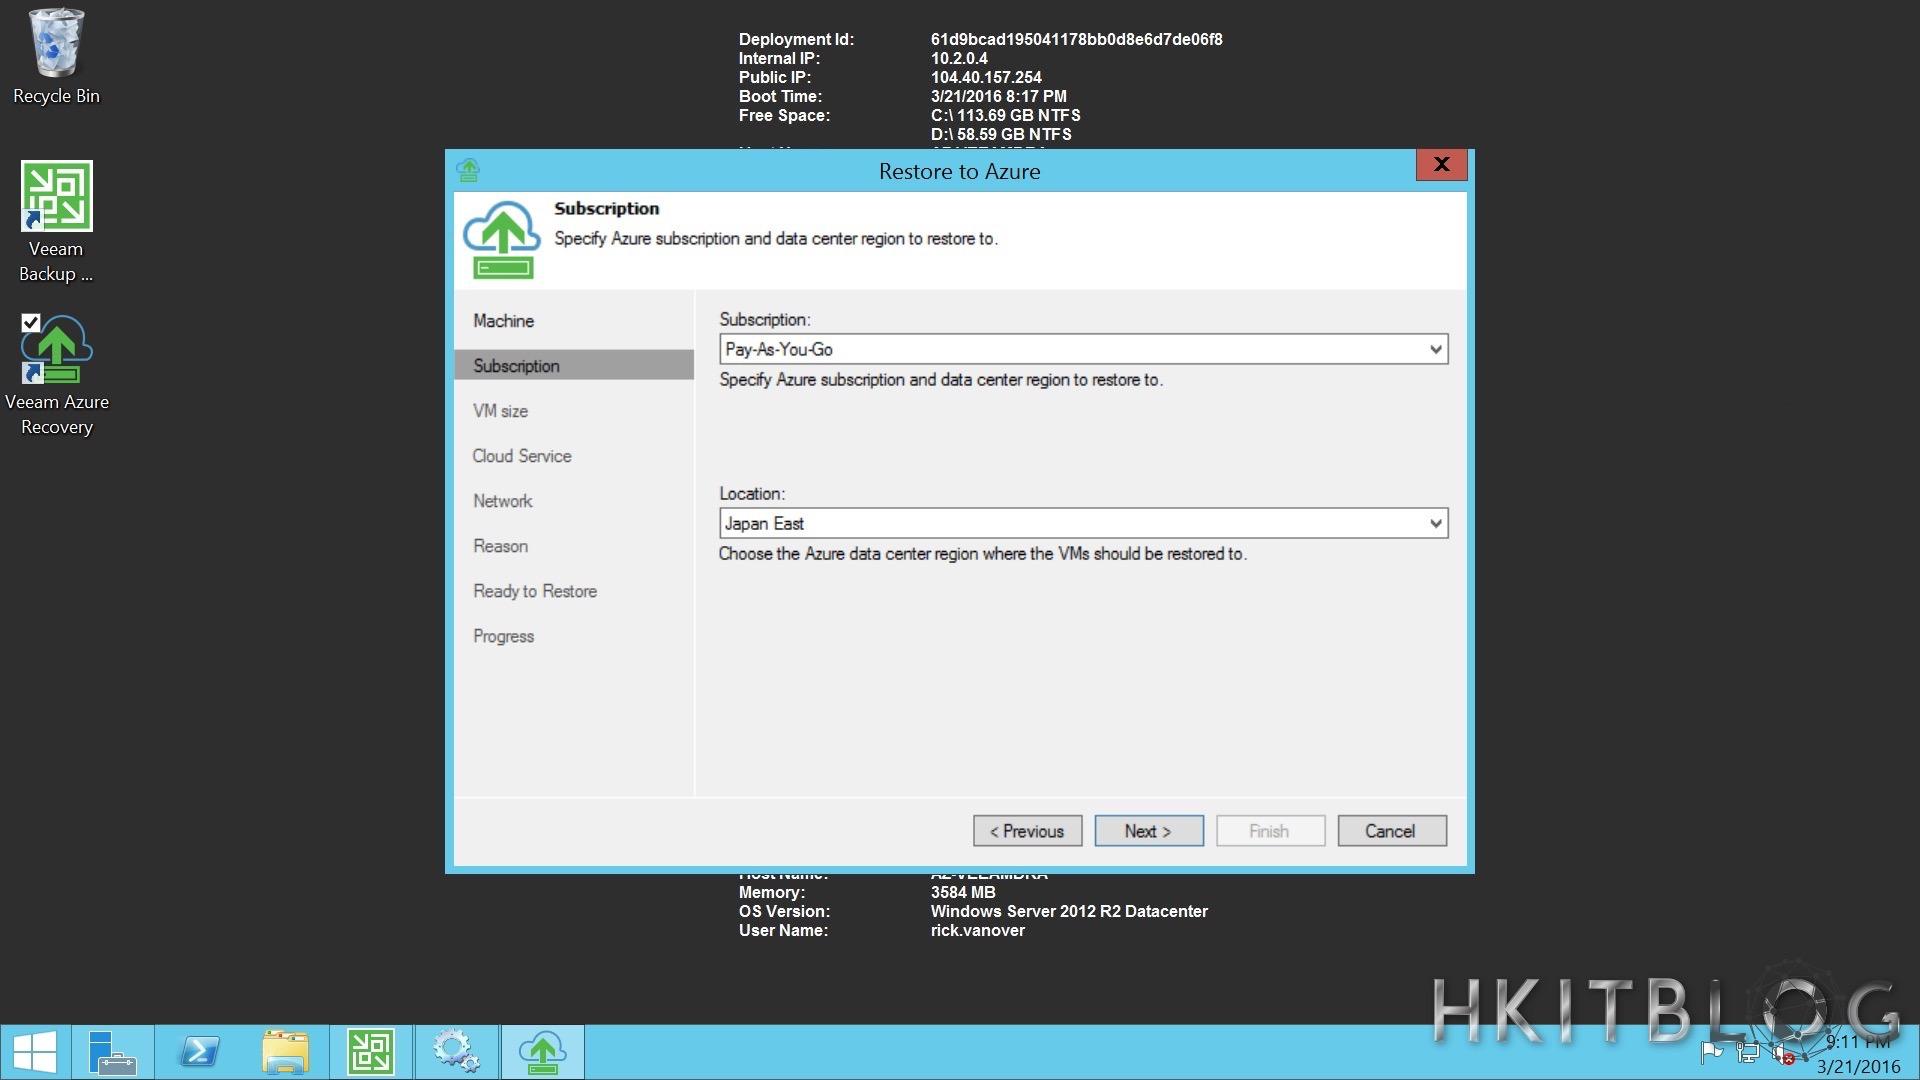 Veeam 備份方案將支援直接還原至微軟 Azure